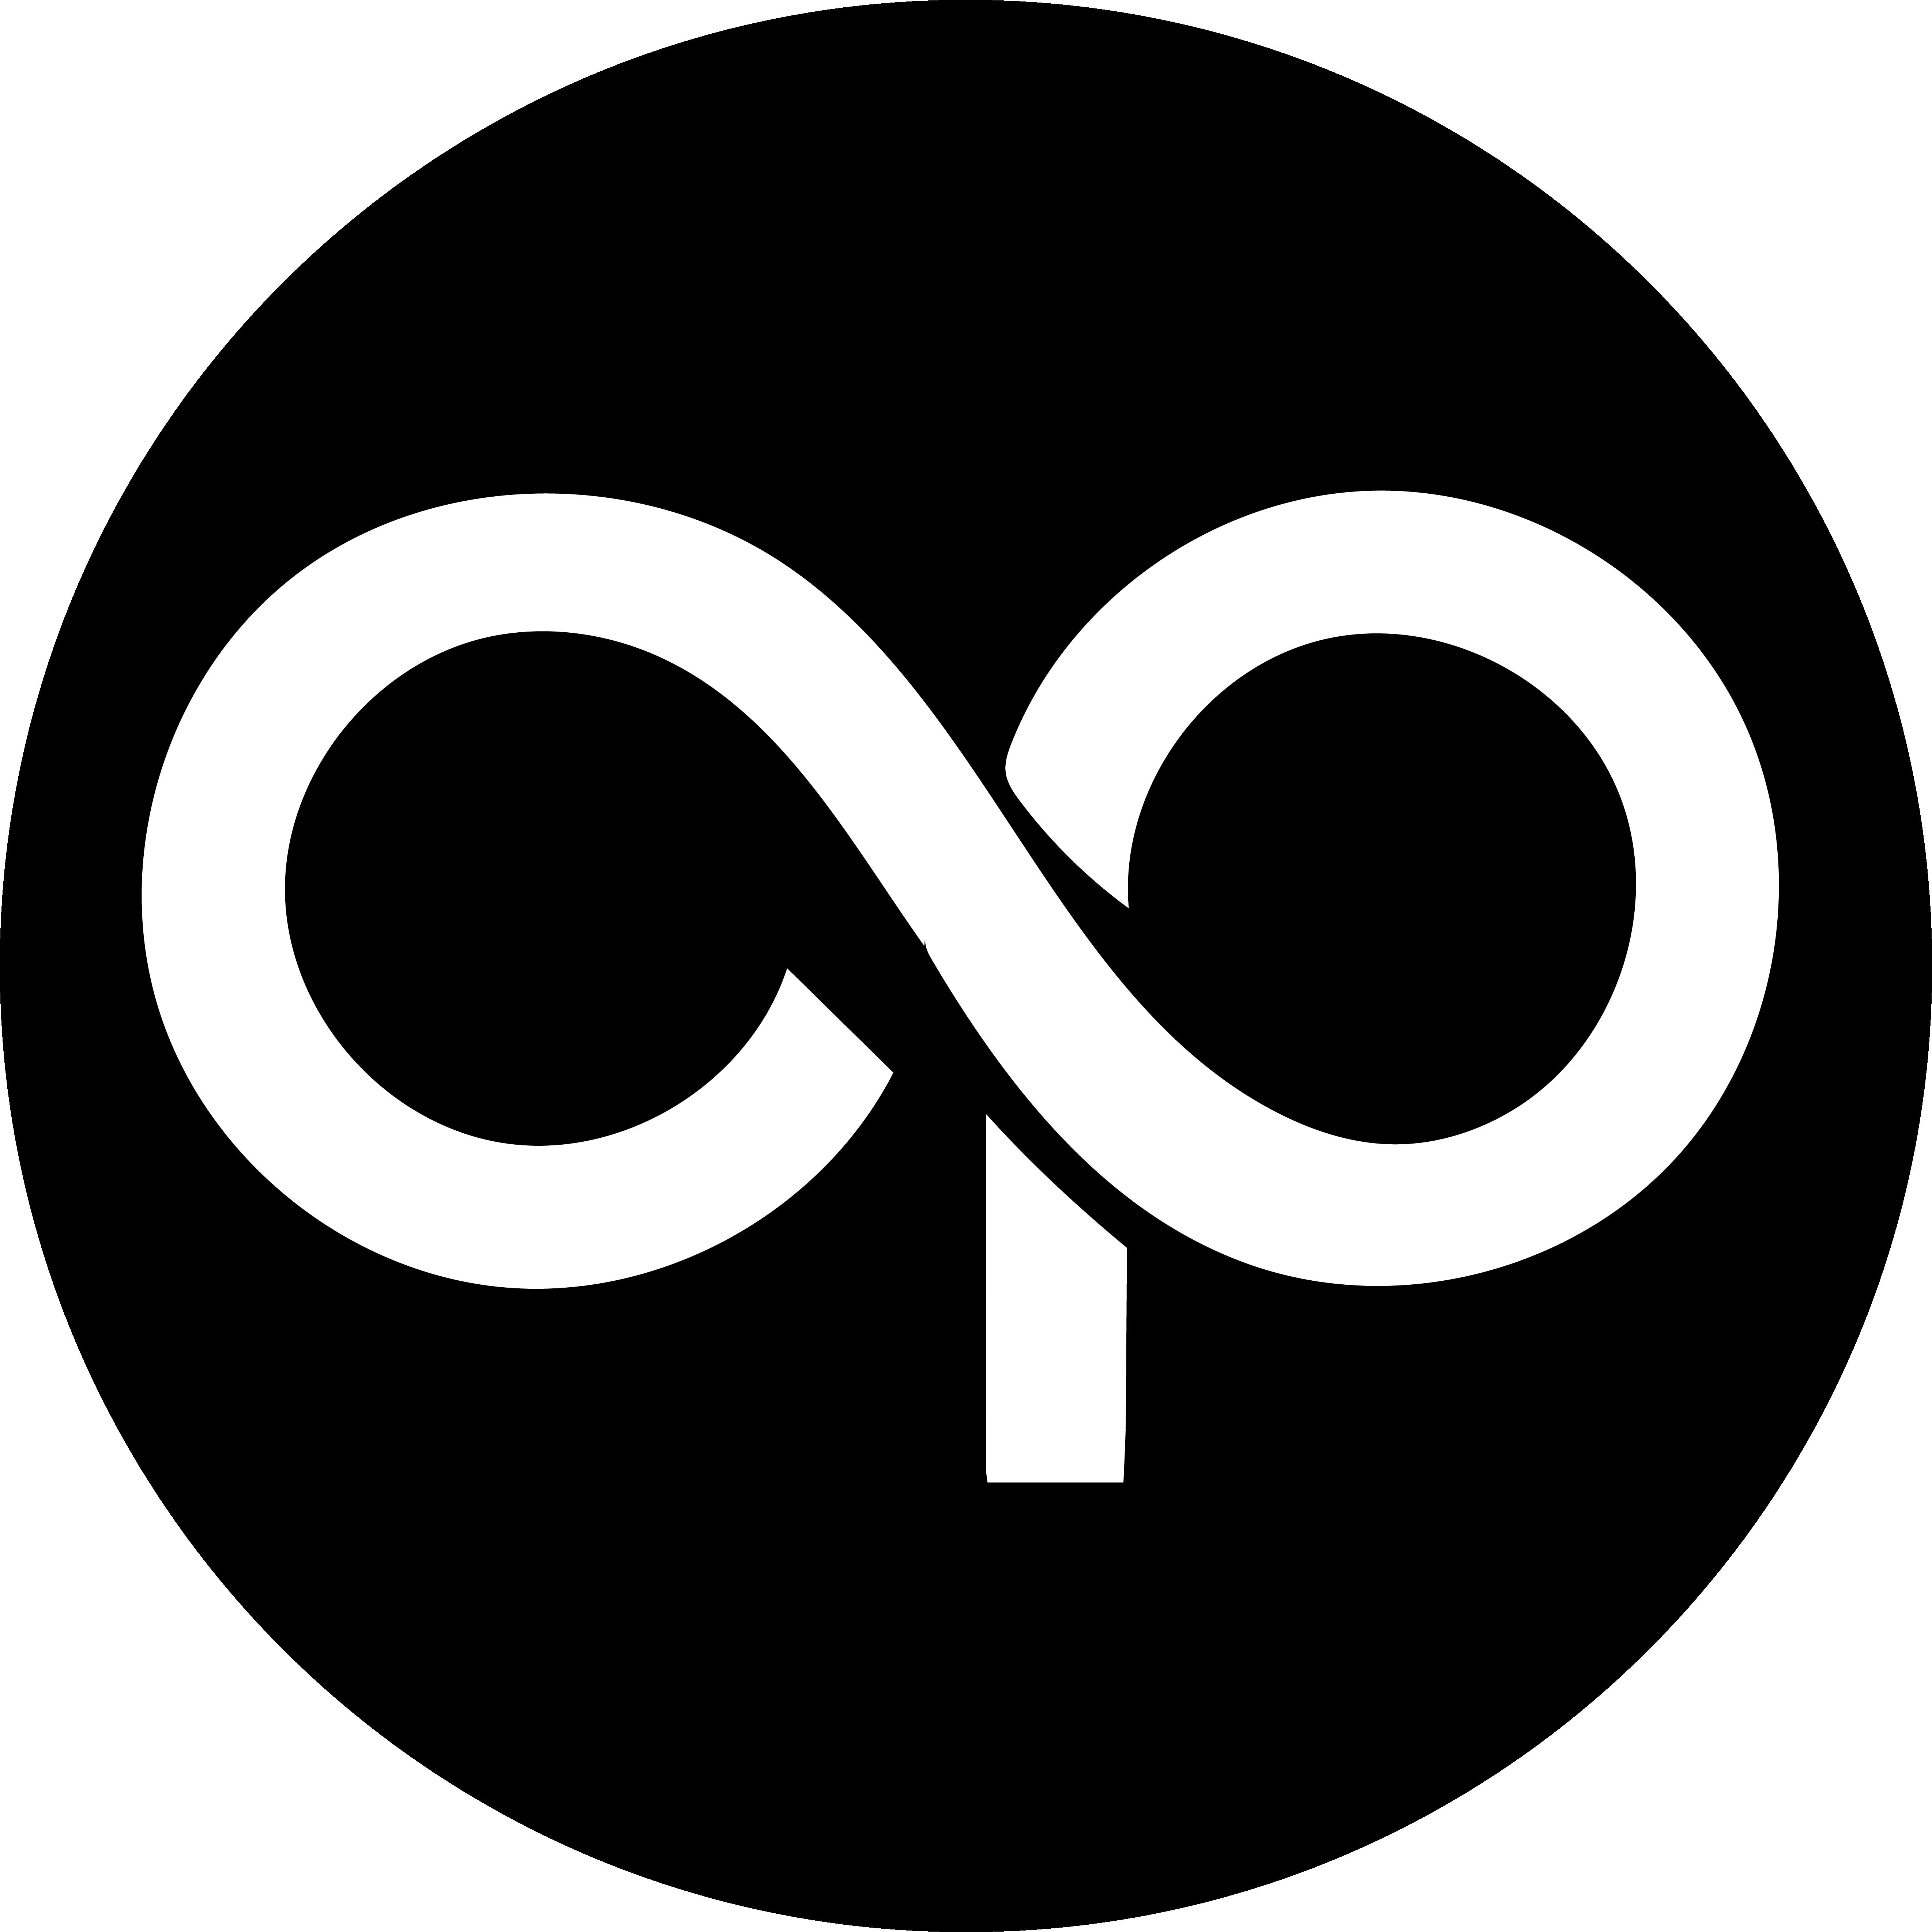 op-circle-2